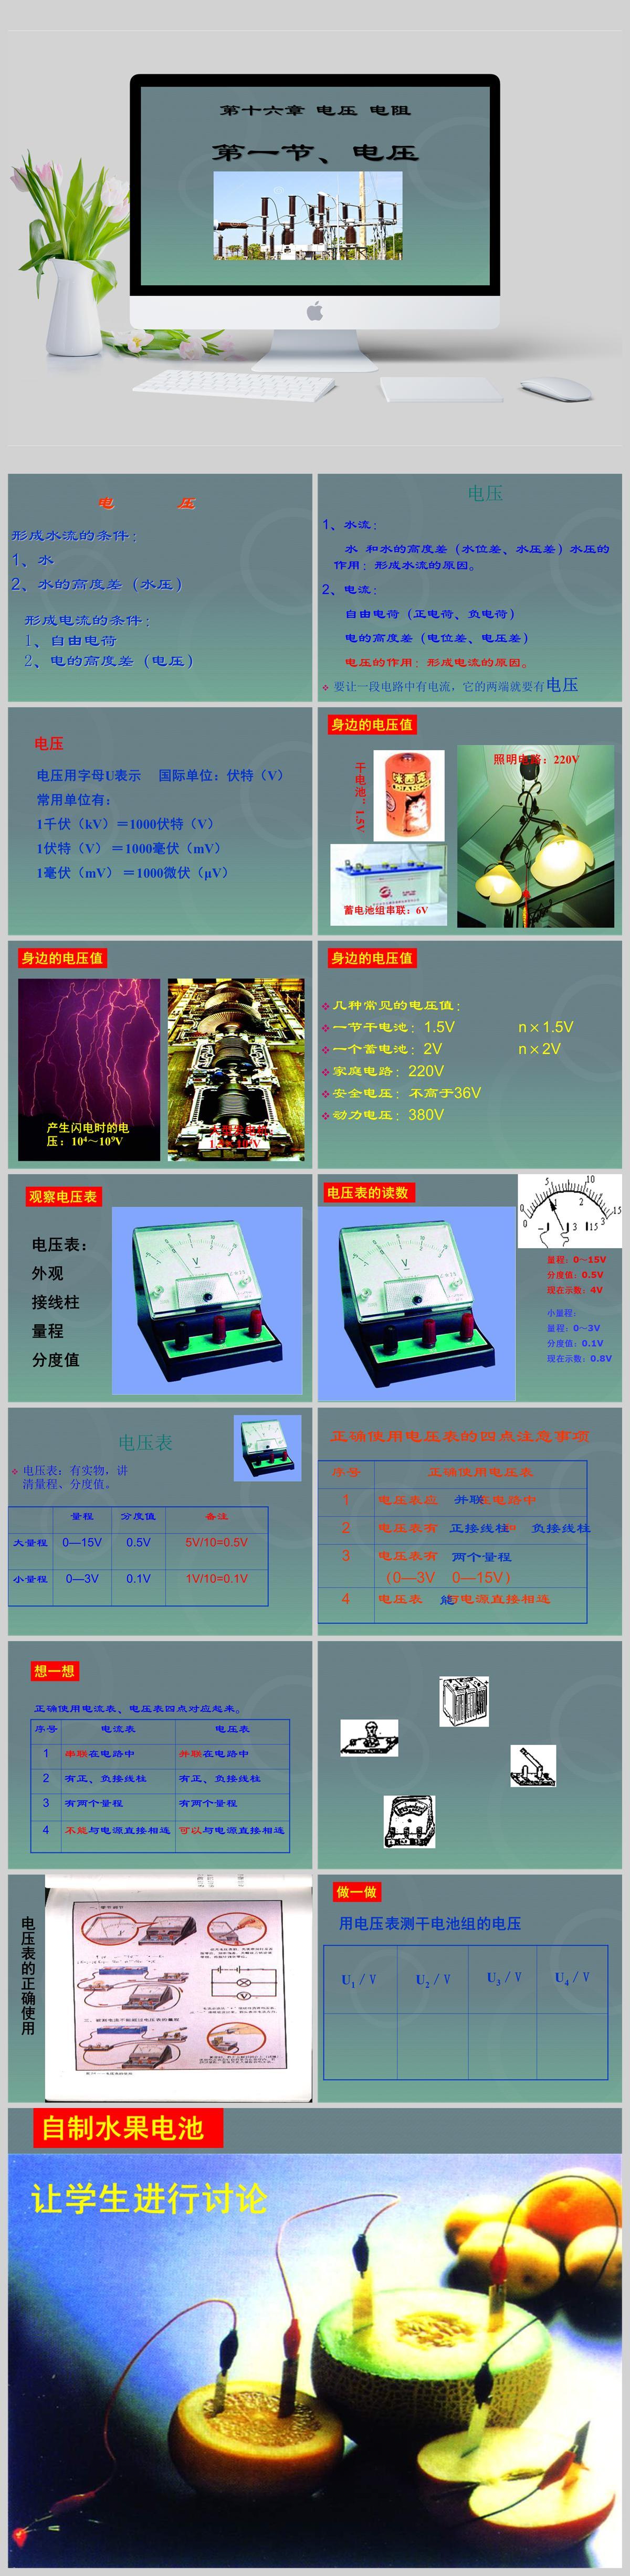 人教版九年级物理电压PPT模板